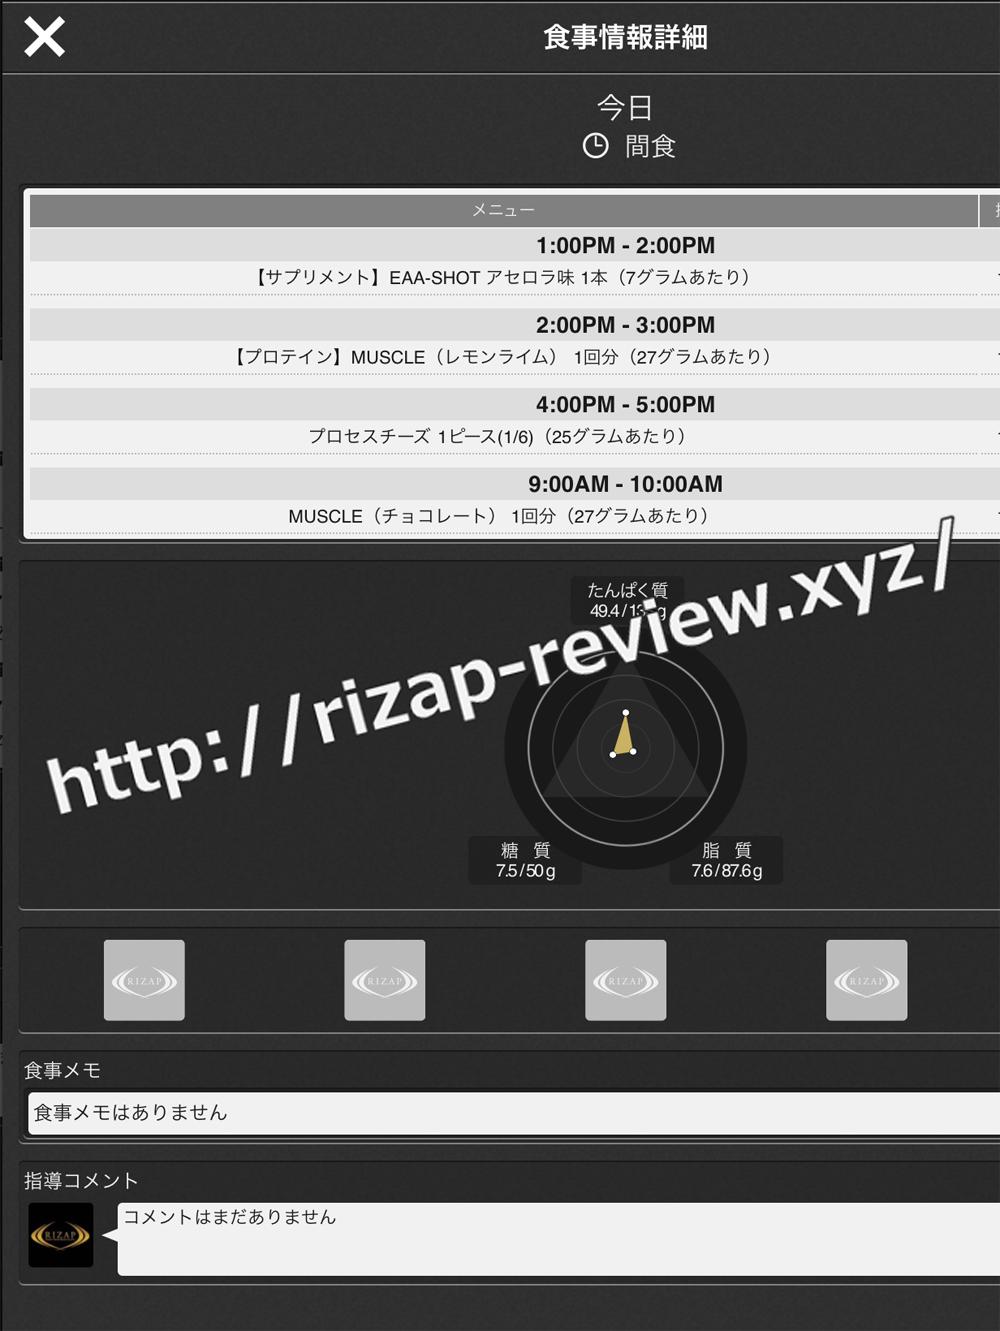 2018.10.13(土)ライザップ流の間食